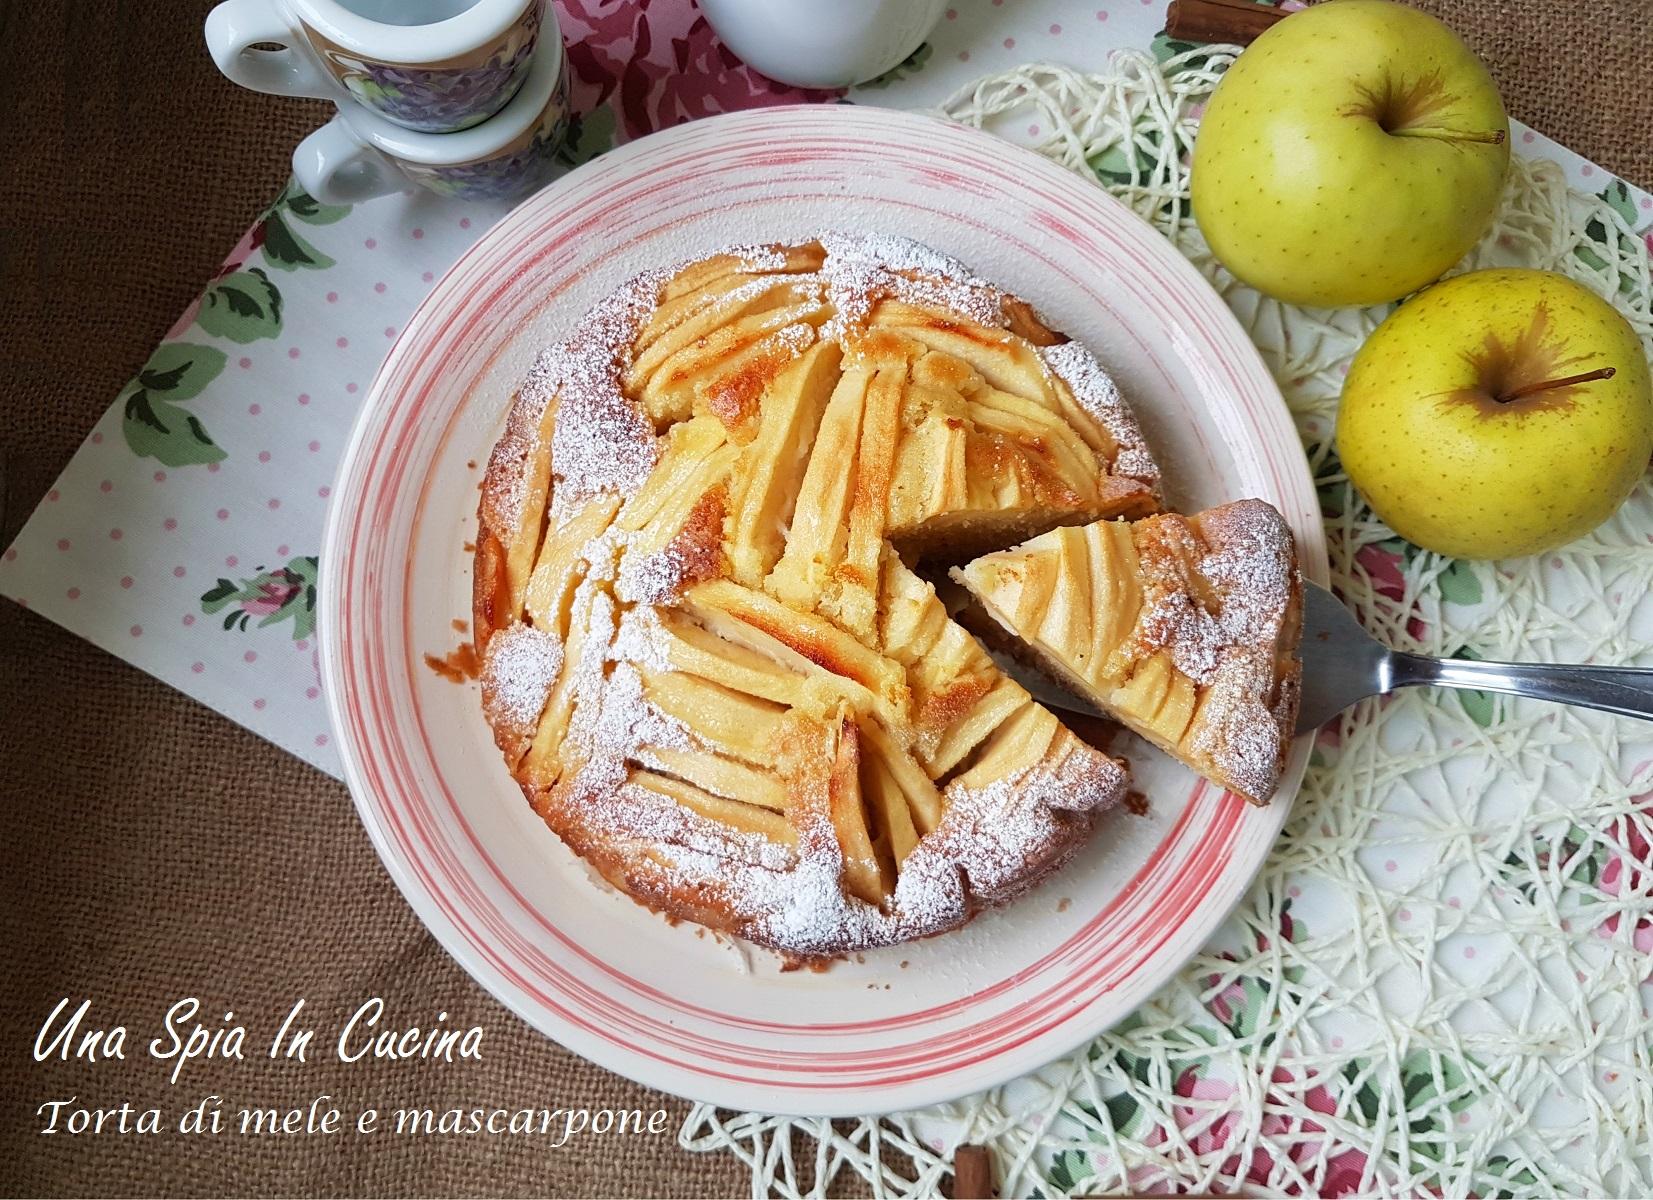 Torta di mele e mascarpone delicata e soffice